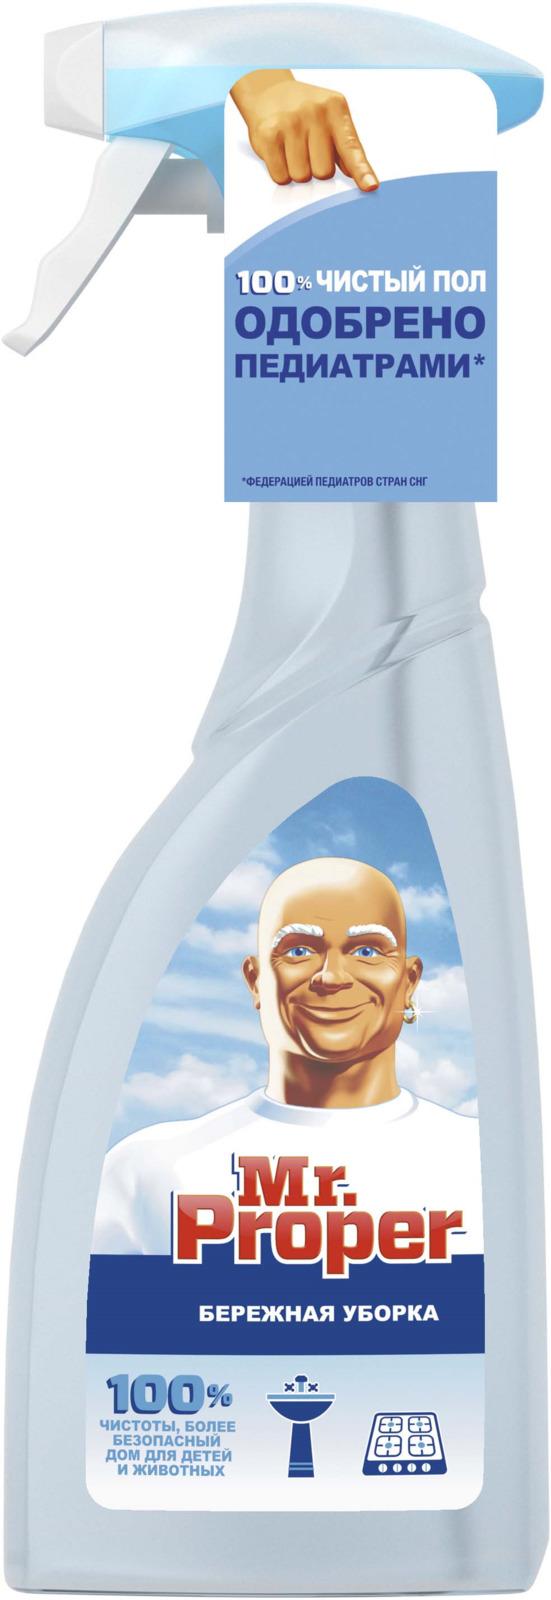 Фото - Универсальный чистящий спрей Mr. Proper Бережная уборка, 500 мл моющая жидкость для полов и стен mr proper бережная уборка 500 мл